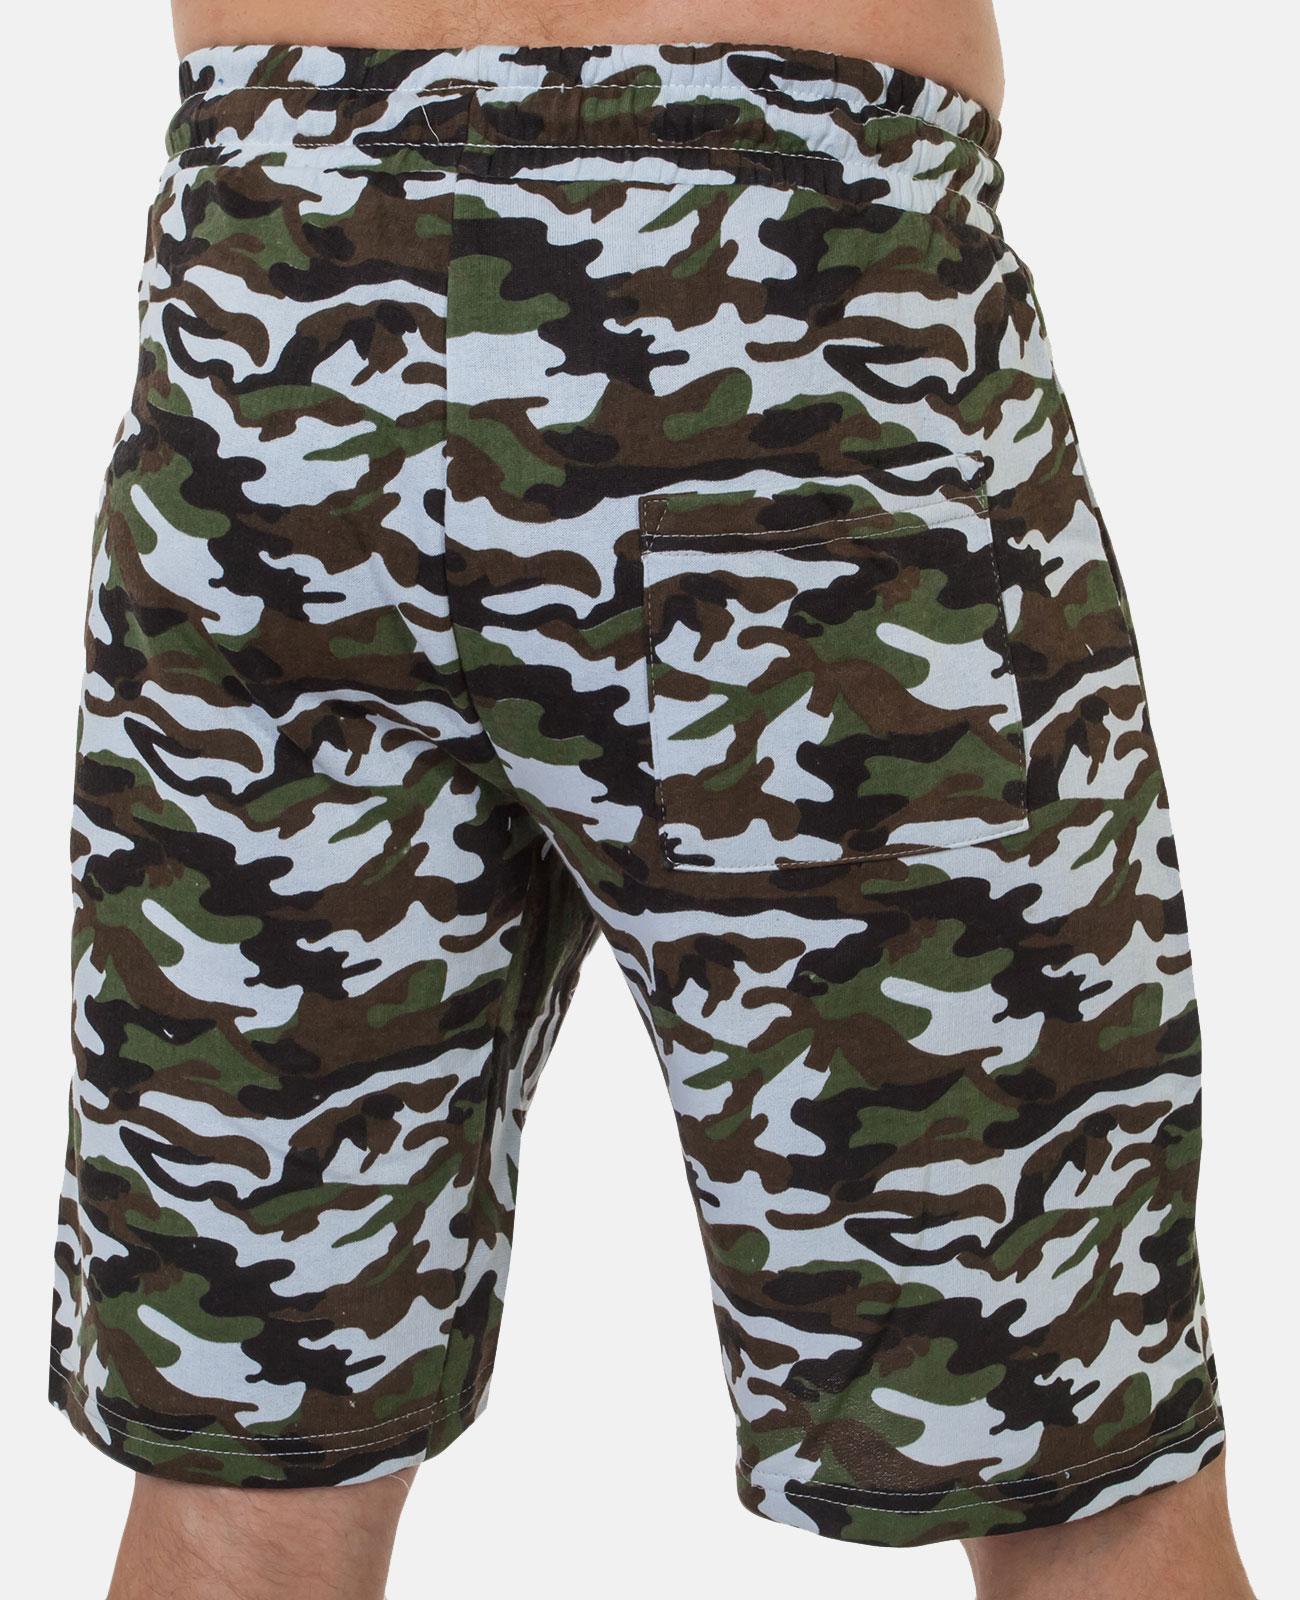 Мужские камуфлированные шорты с нашивкой ФСО - заказать в розницу